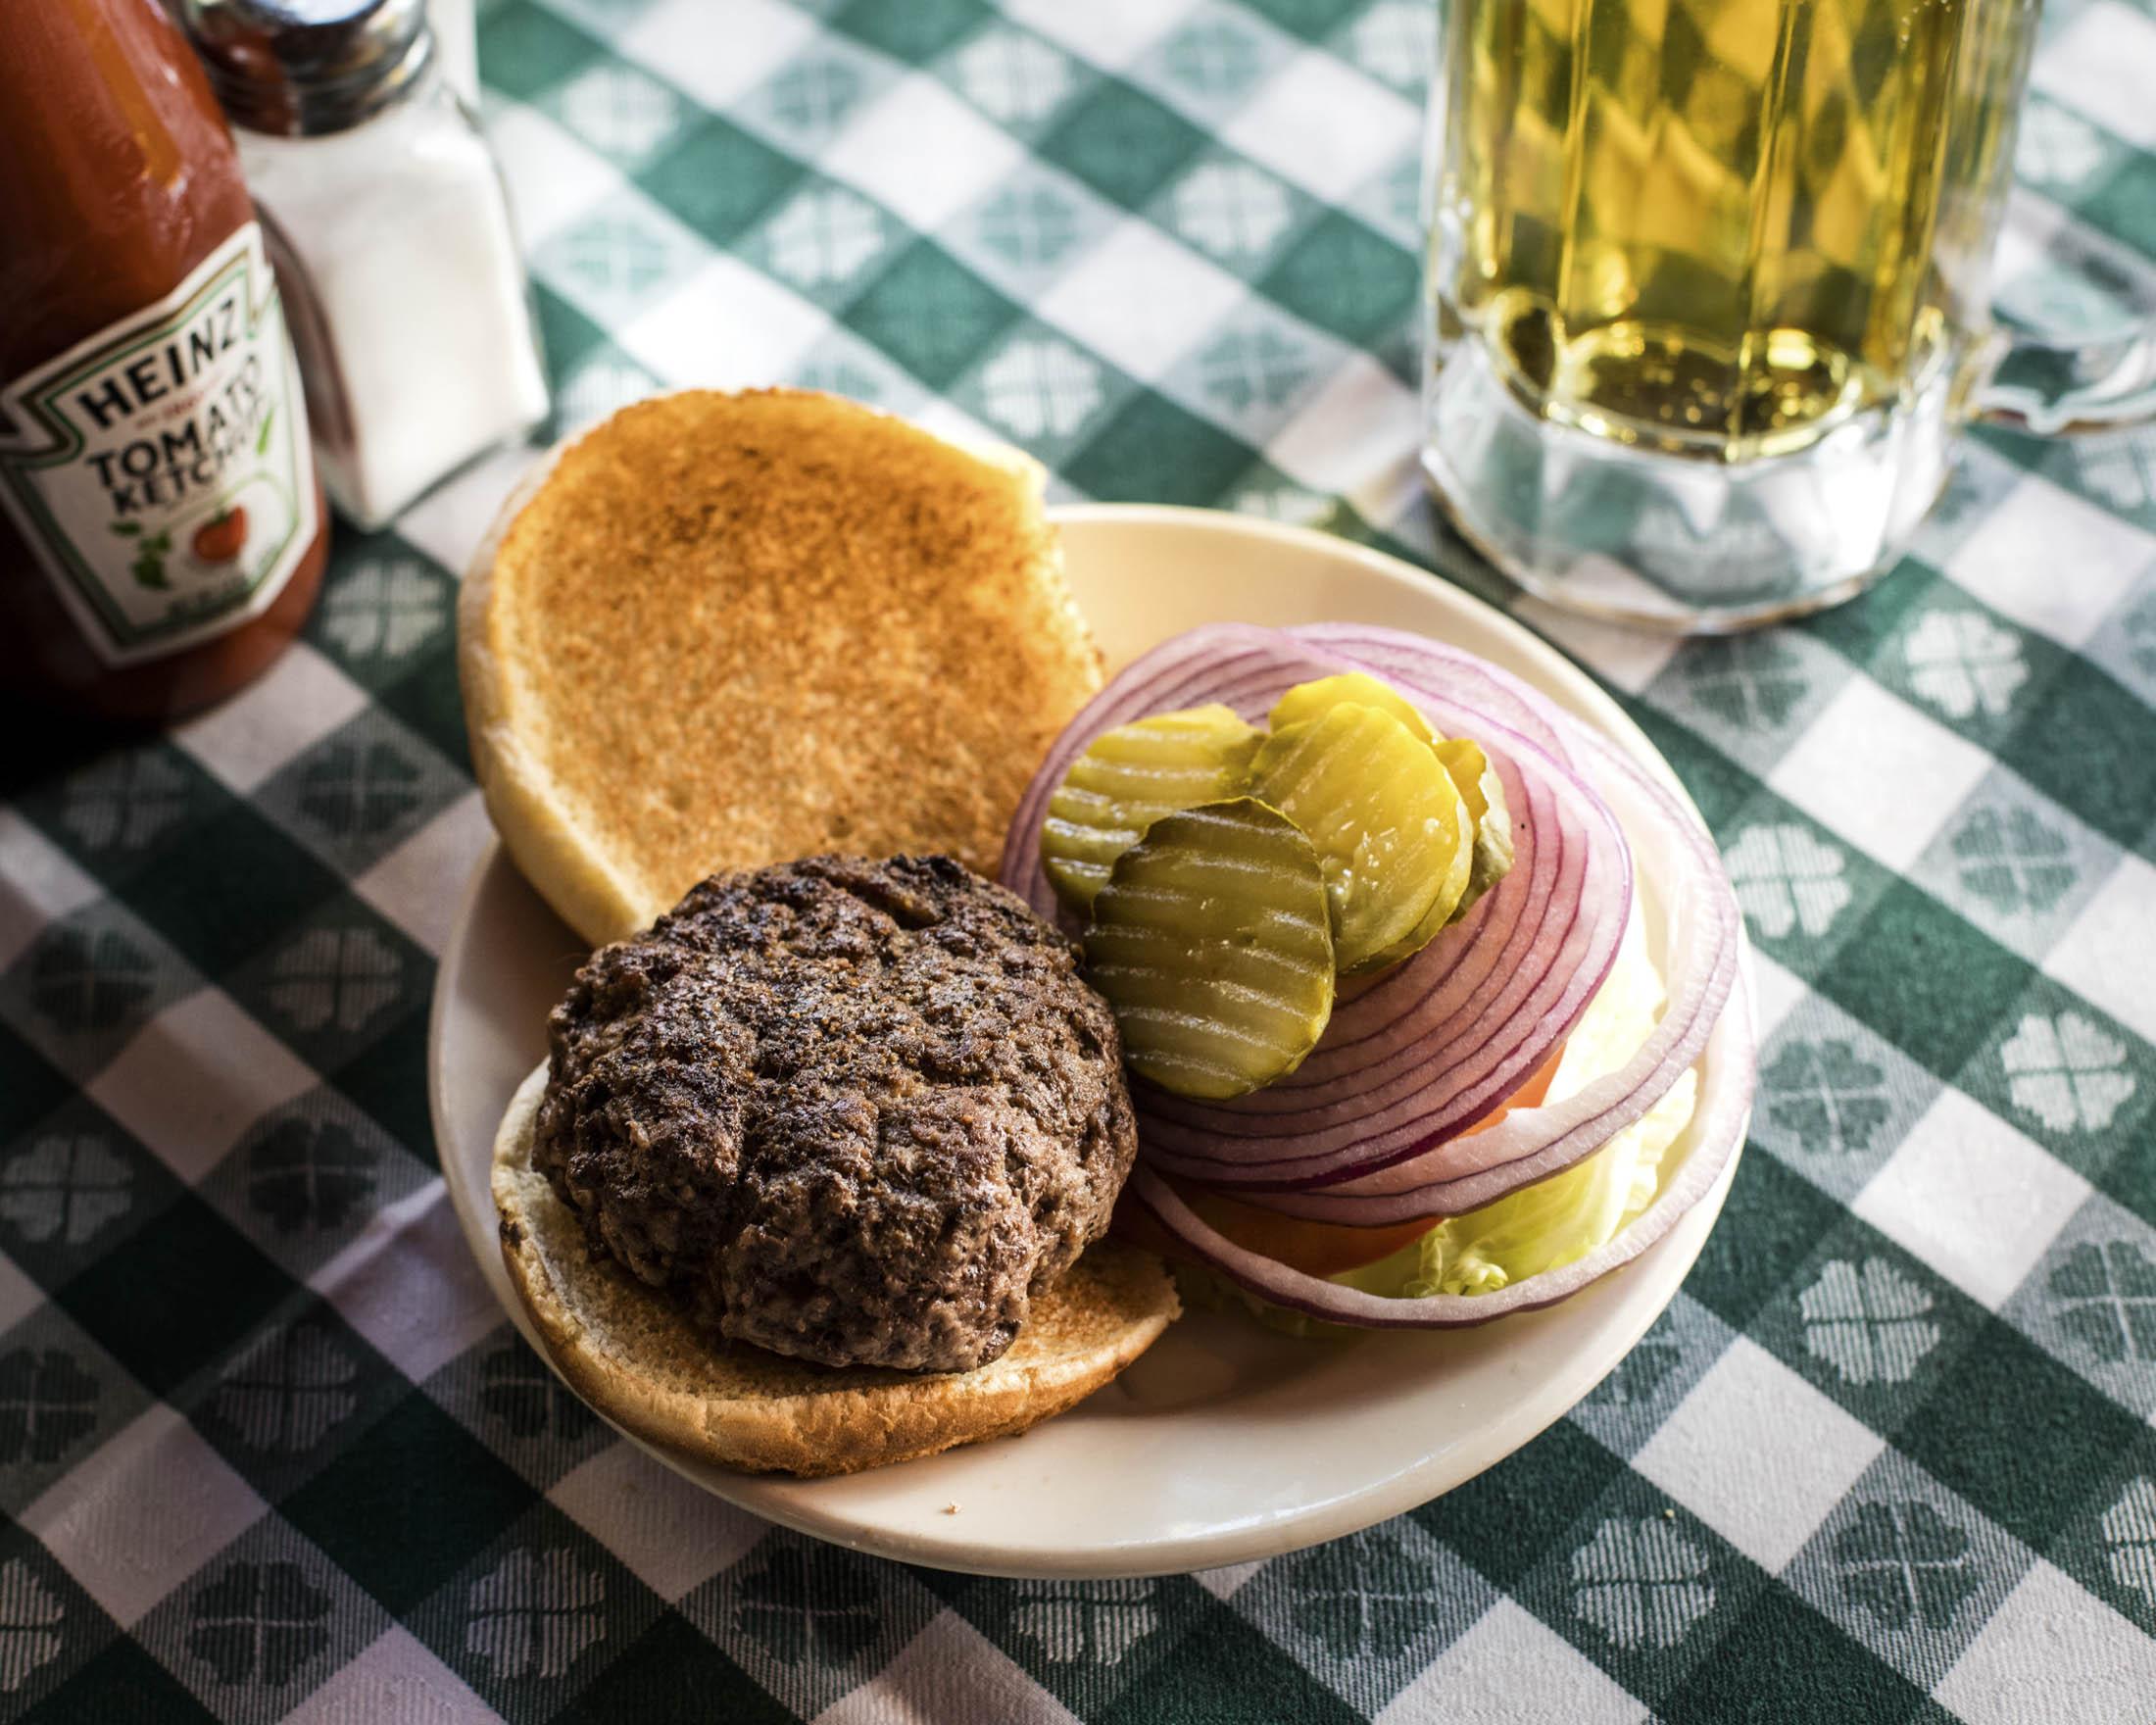 The Hamburger at JG Melon